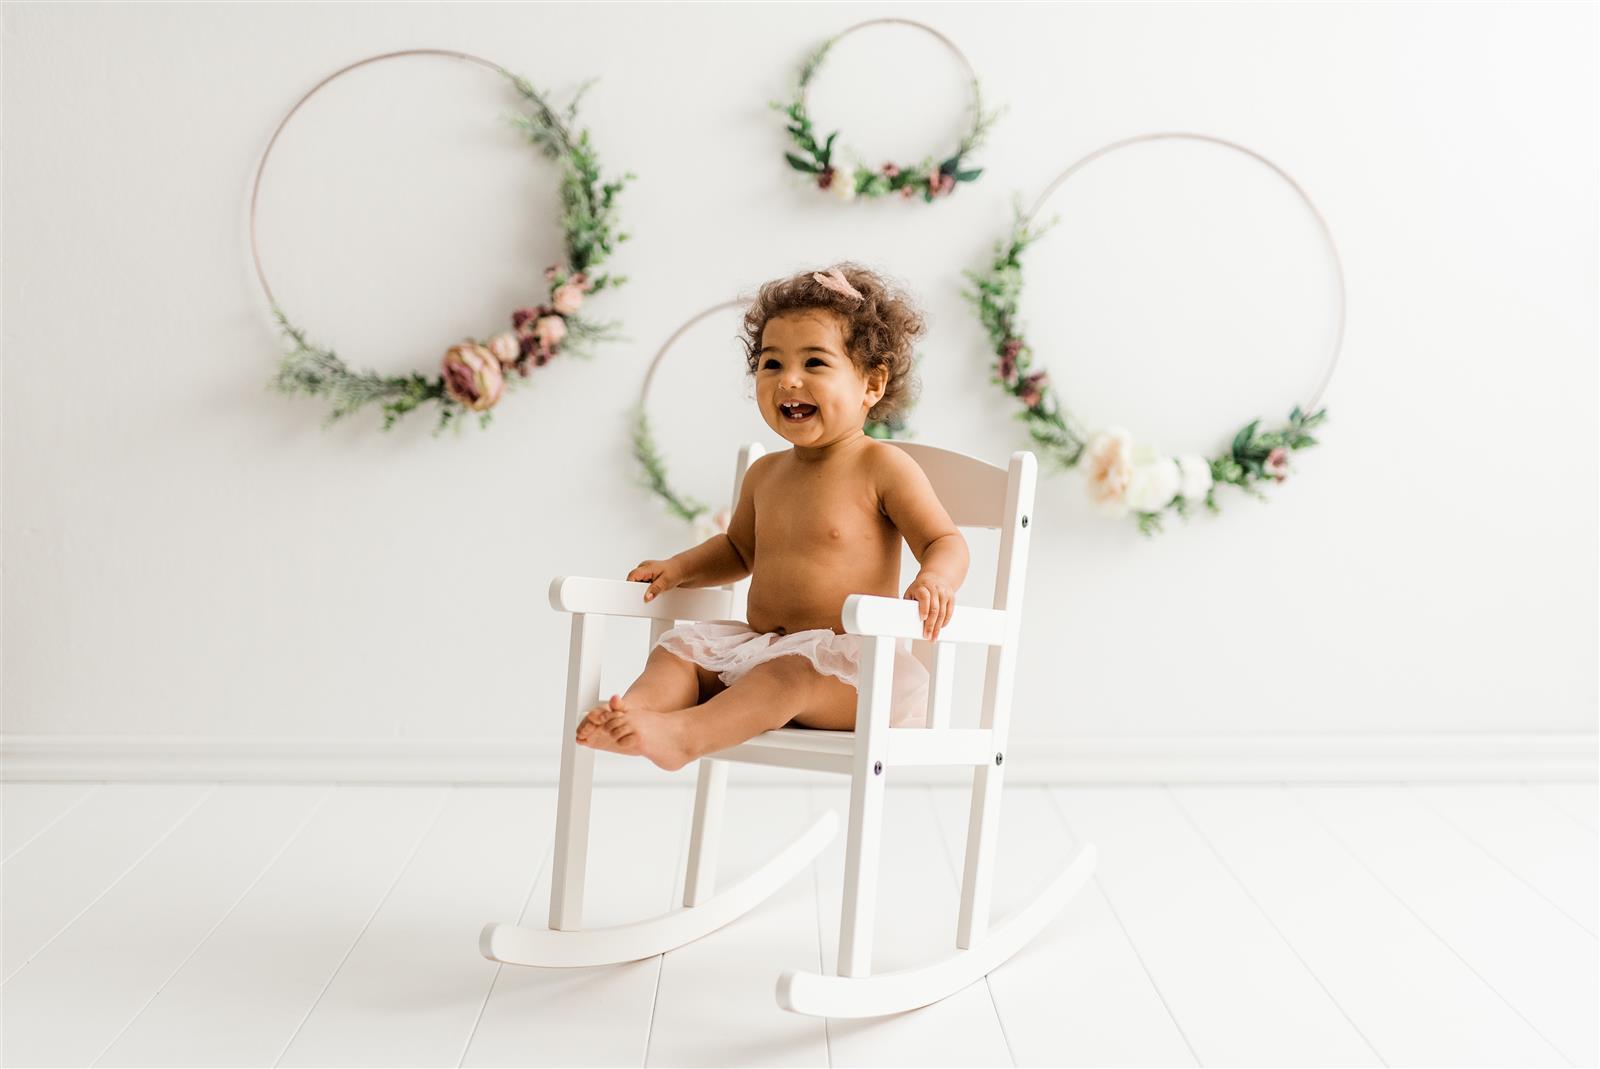 Cake Smash Fotografiranje | Neža Reisner Photography - fotografiranje otrok, fotografiranje dojenčkov, fotografiranje s torto